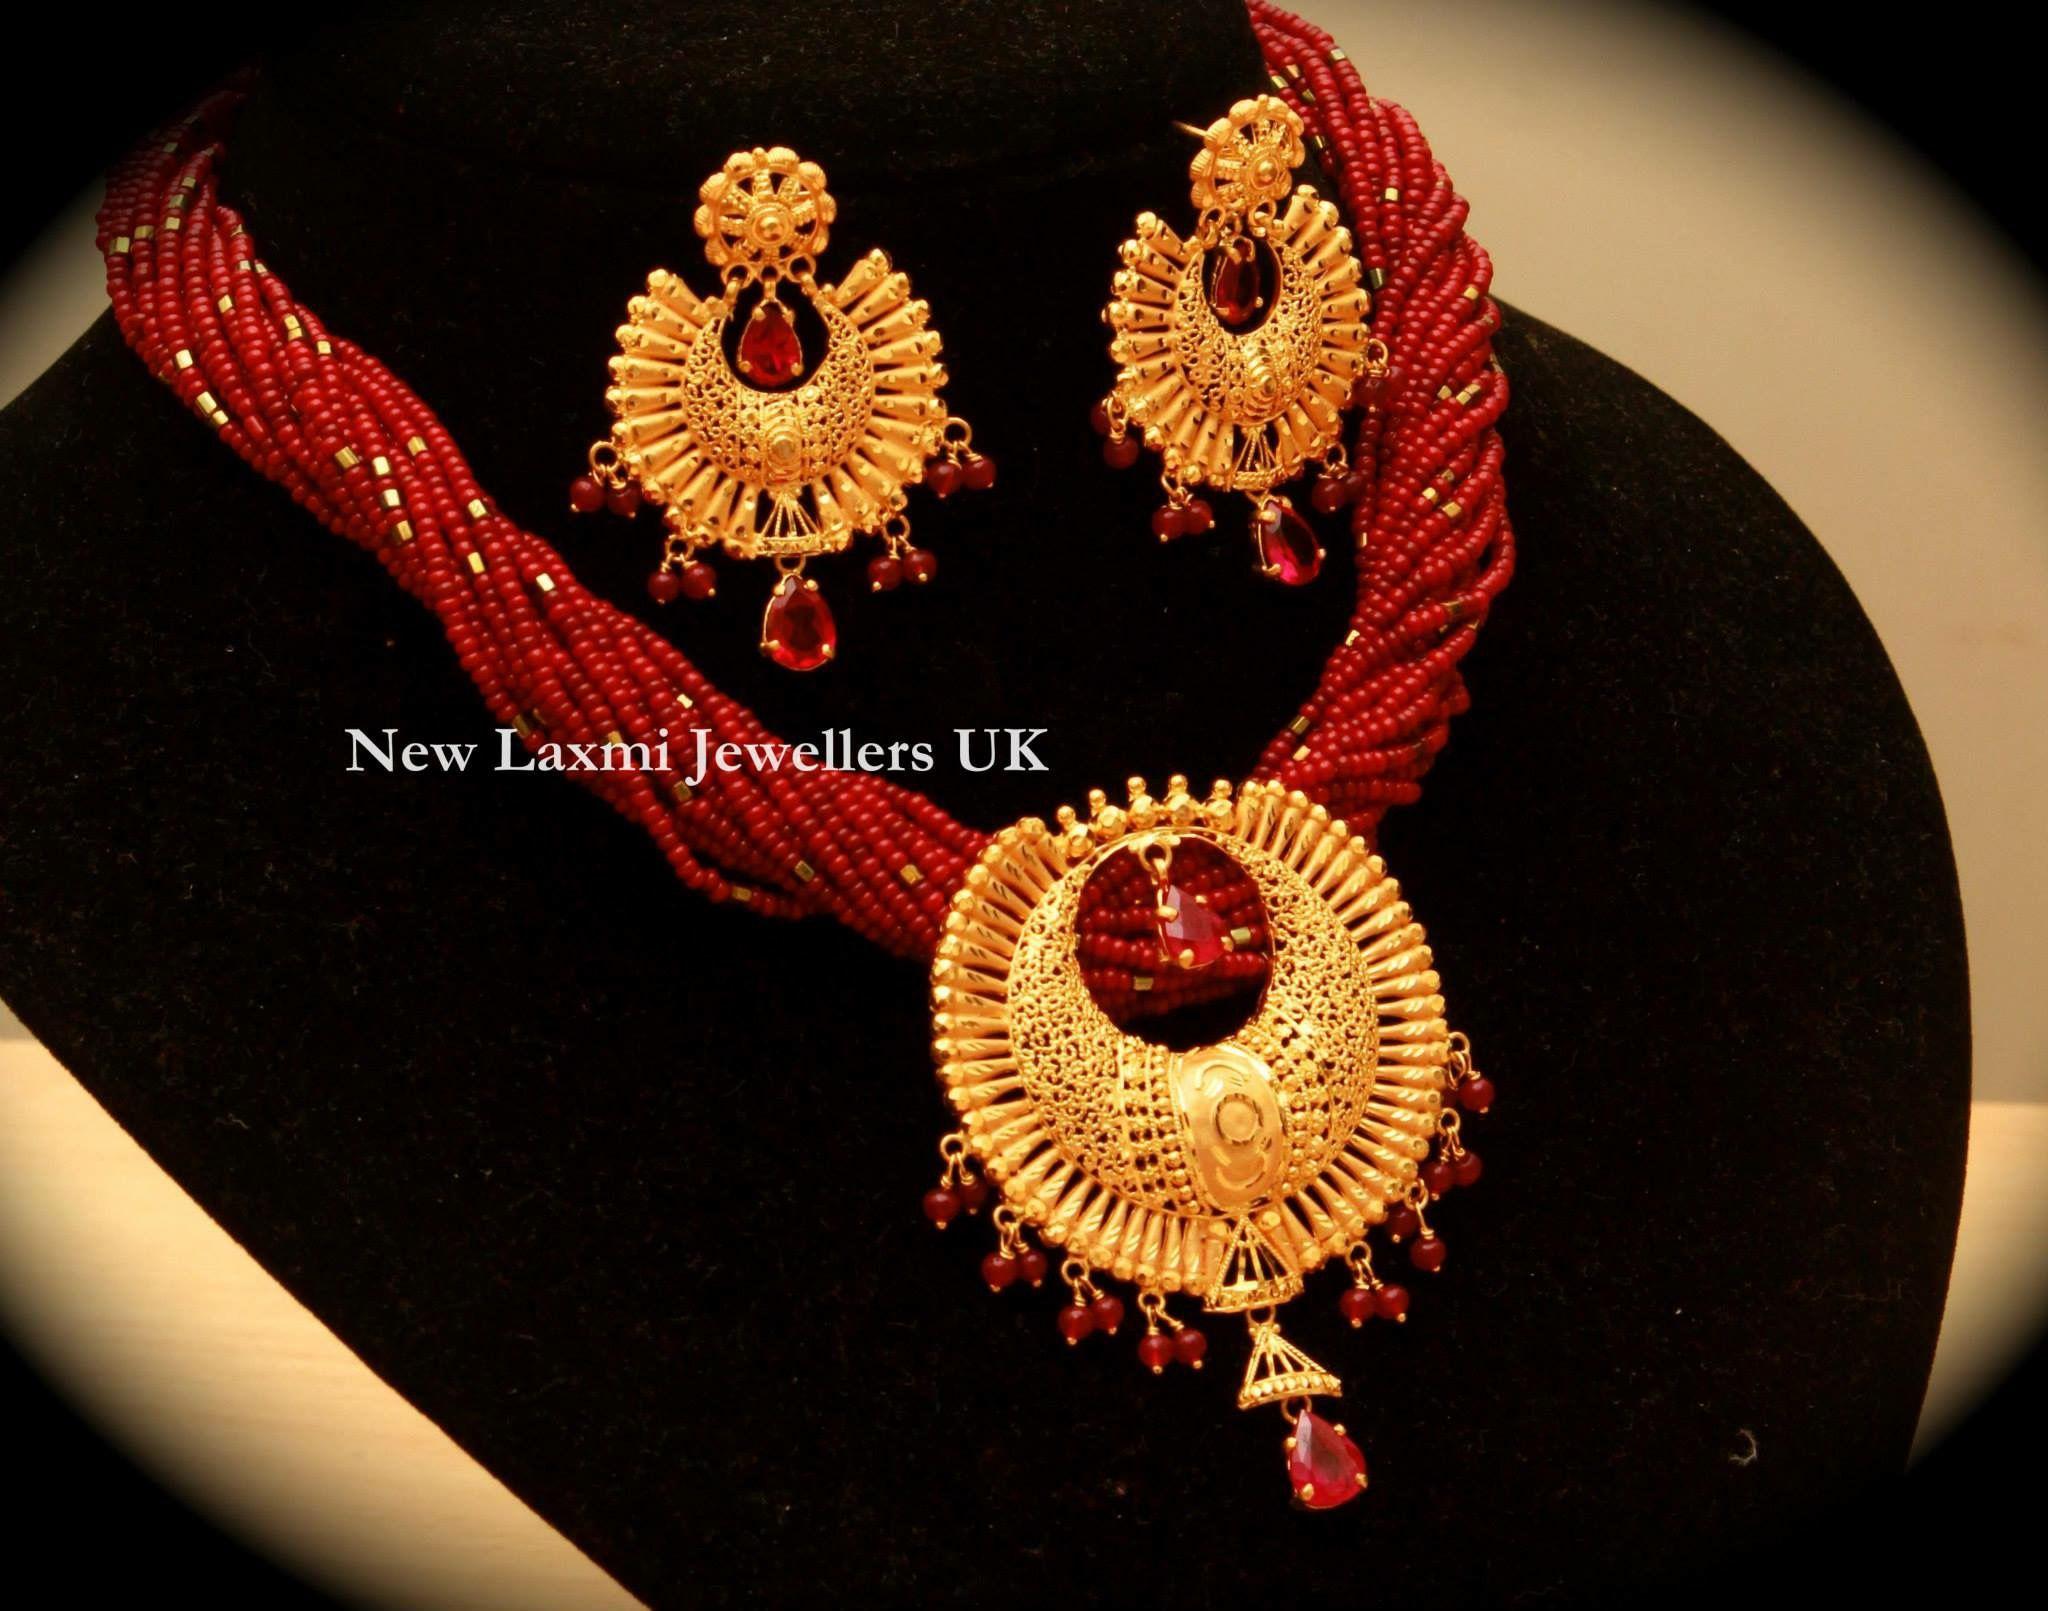 Pin by Laxmi Giri on Nepali Gold Jewelry | Pinterest | Camera logo ...